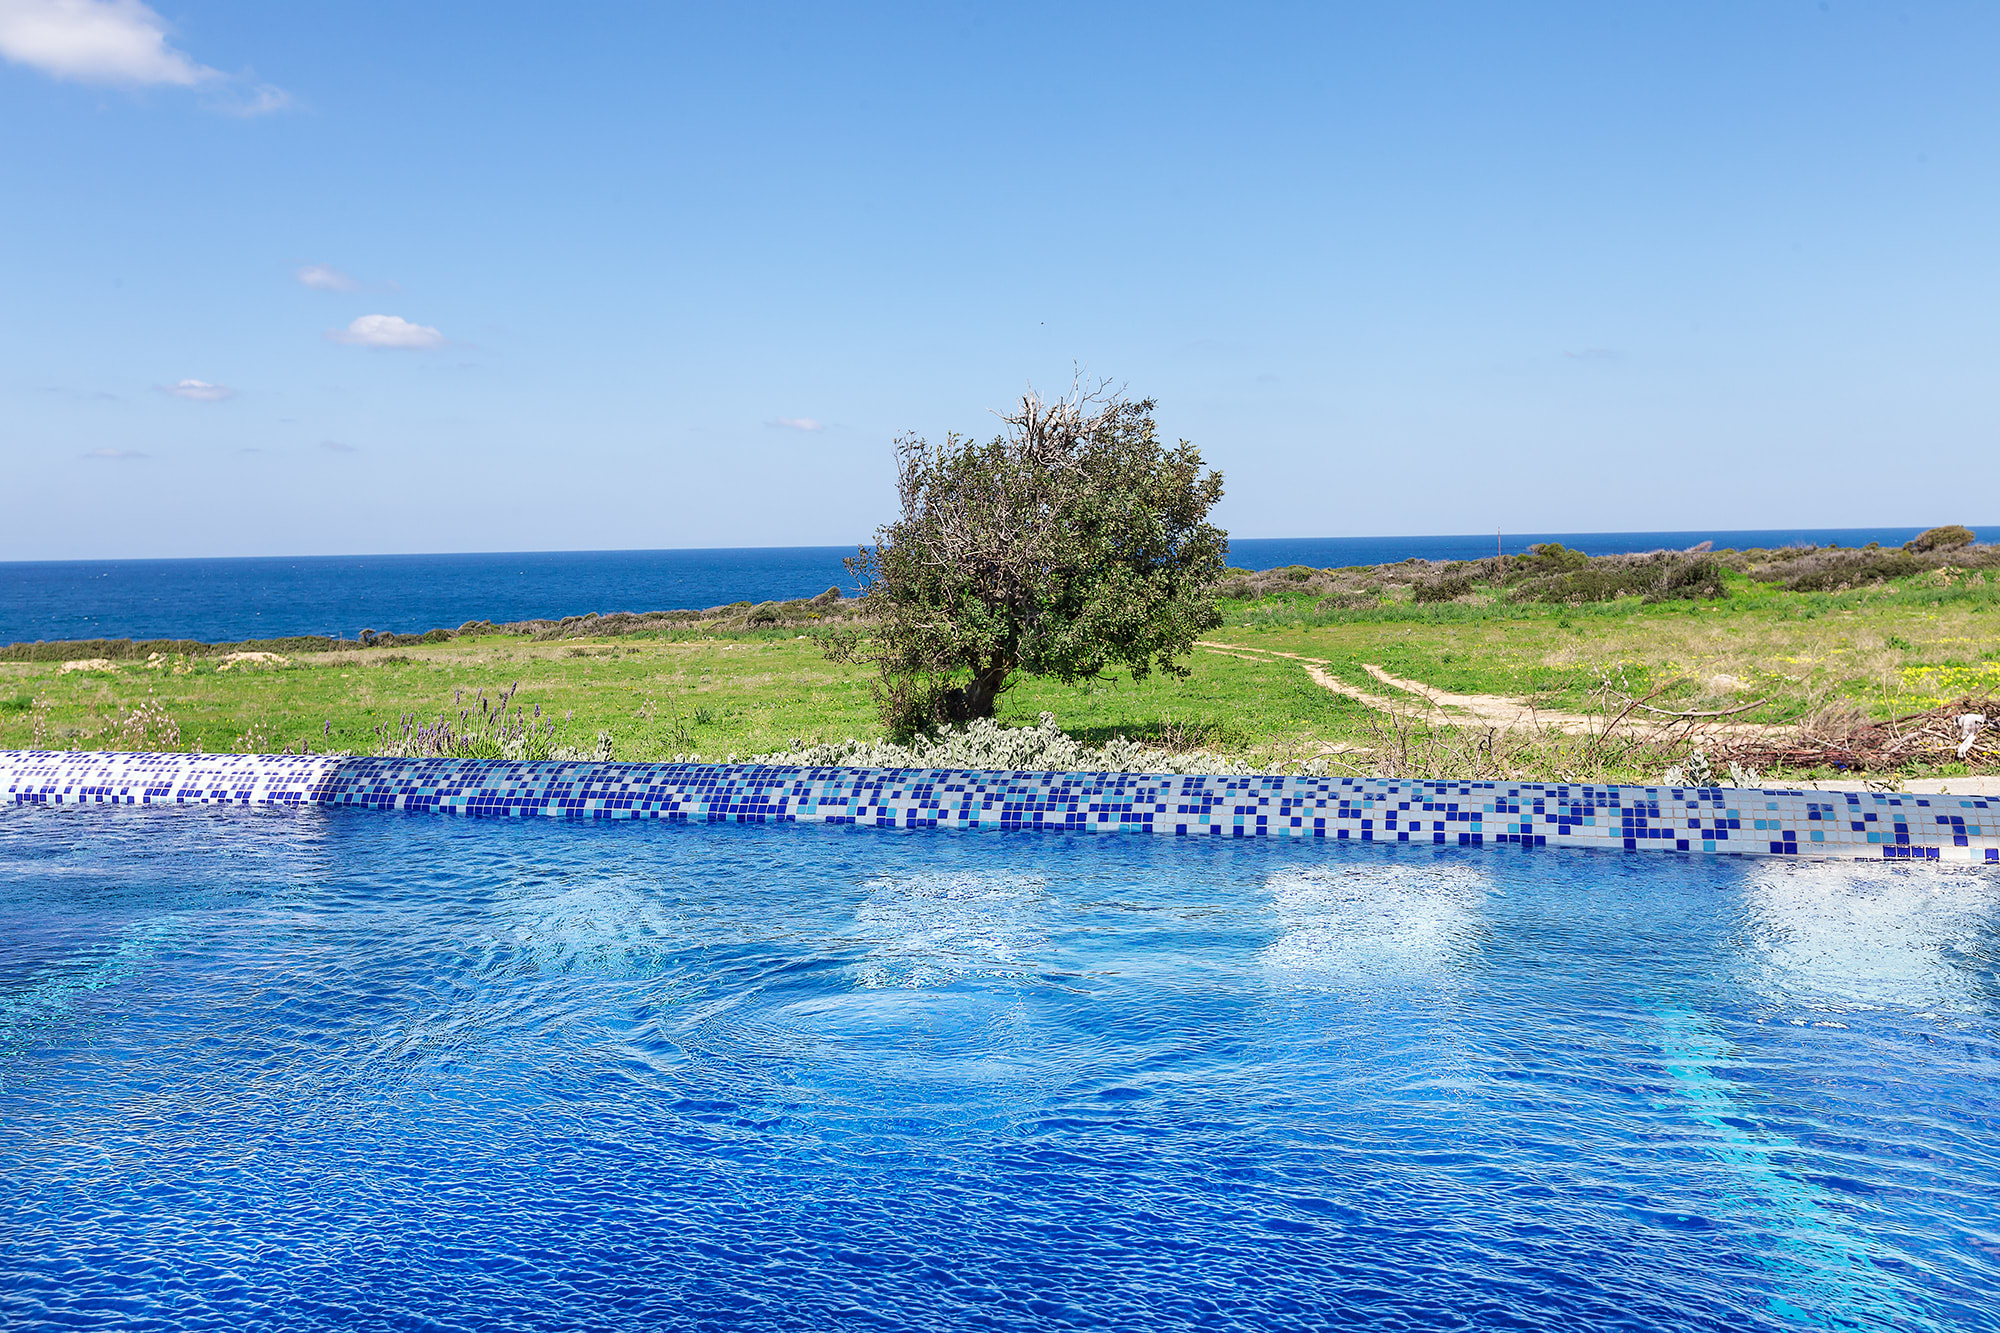 Bahçeli'de Satılık Denize Sıfır 3 Yatak Odalı ve Özel Havuzlu Villalar 9860